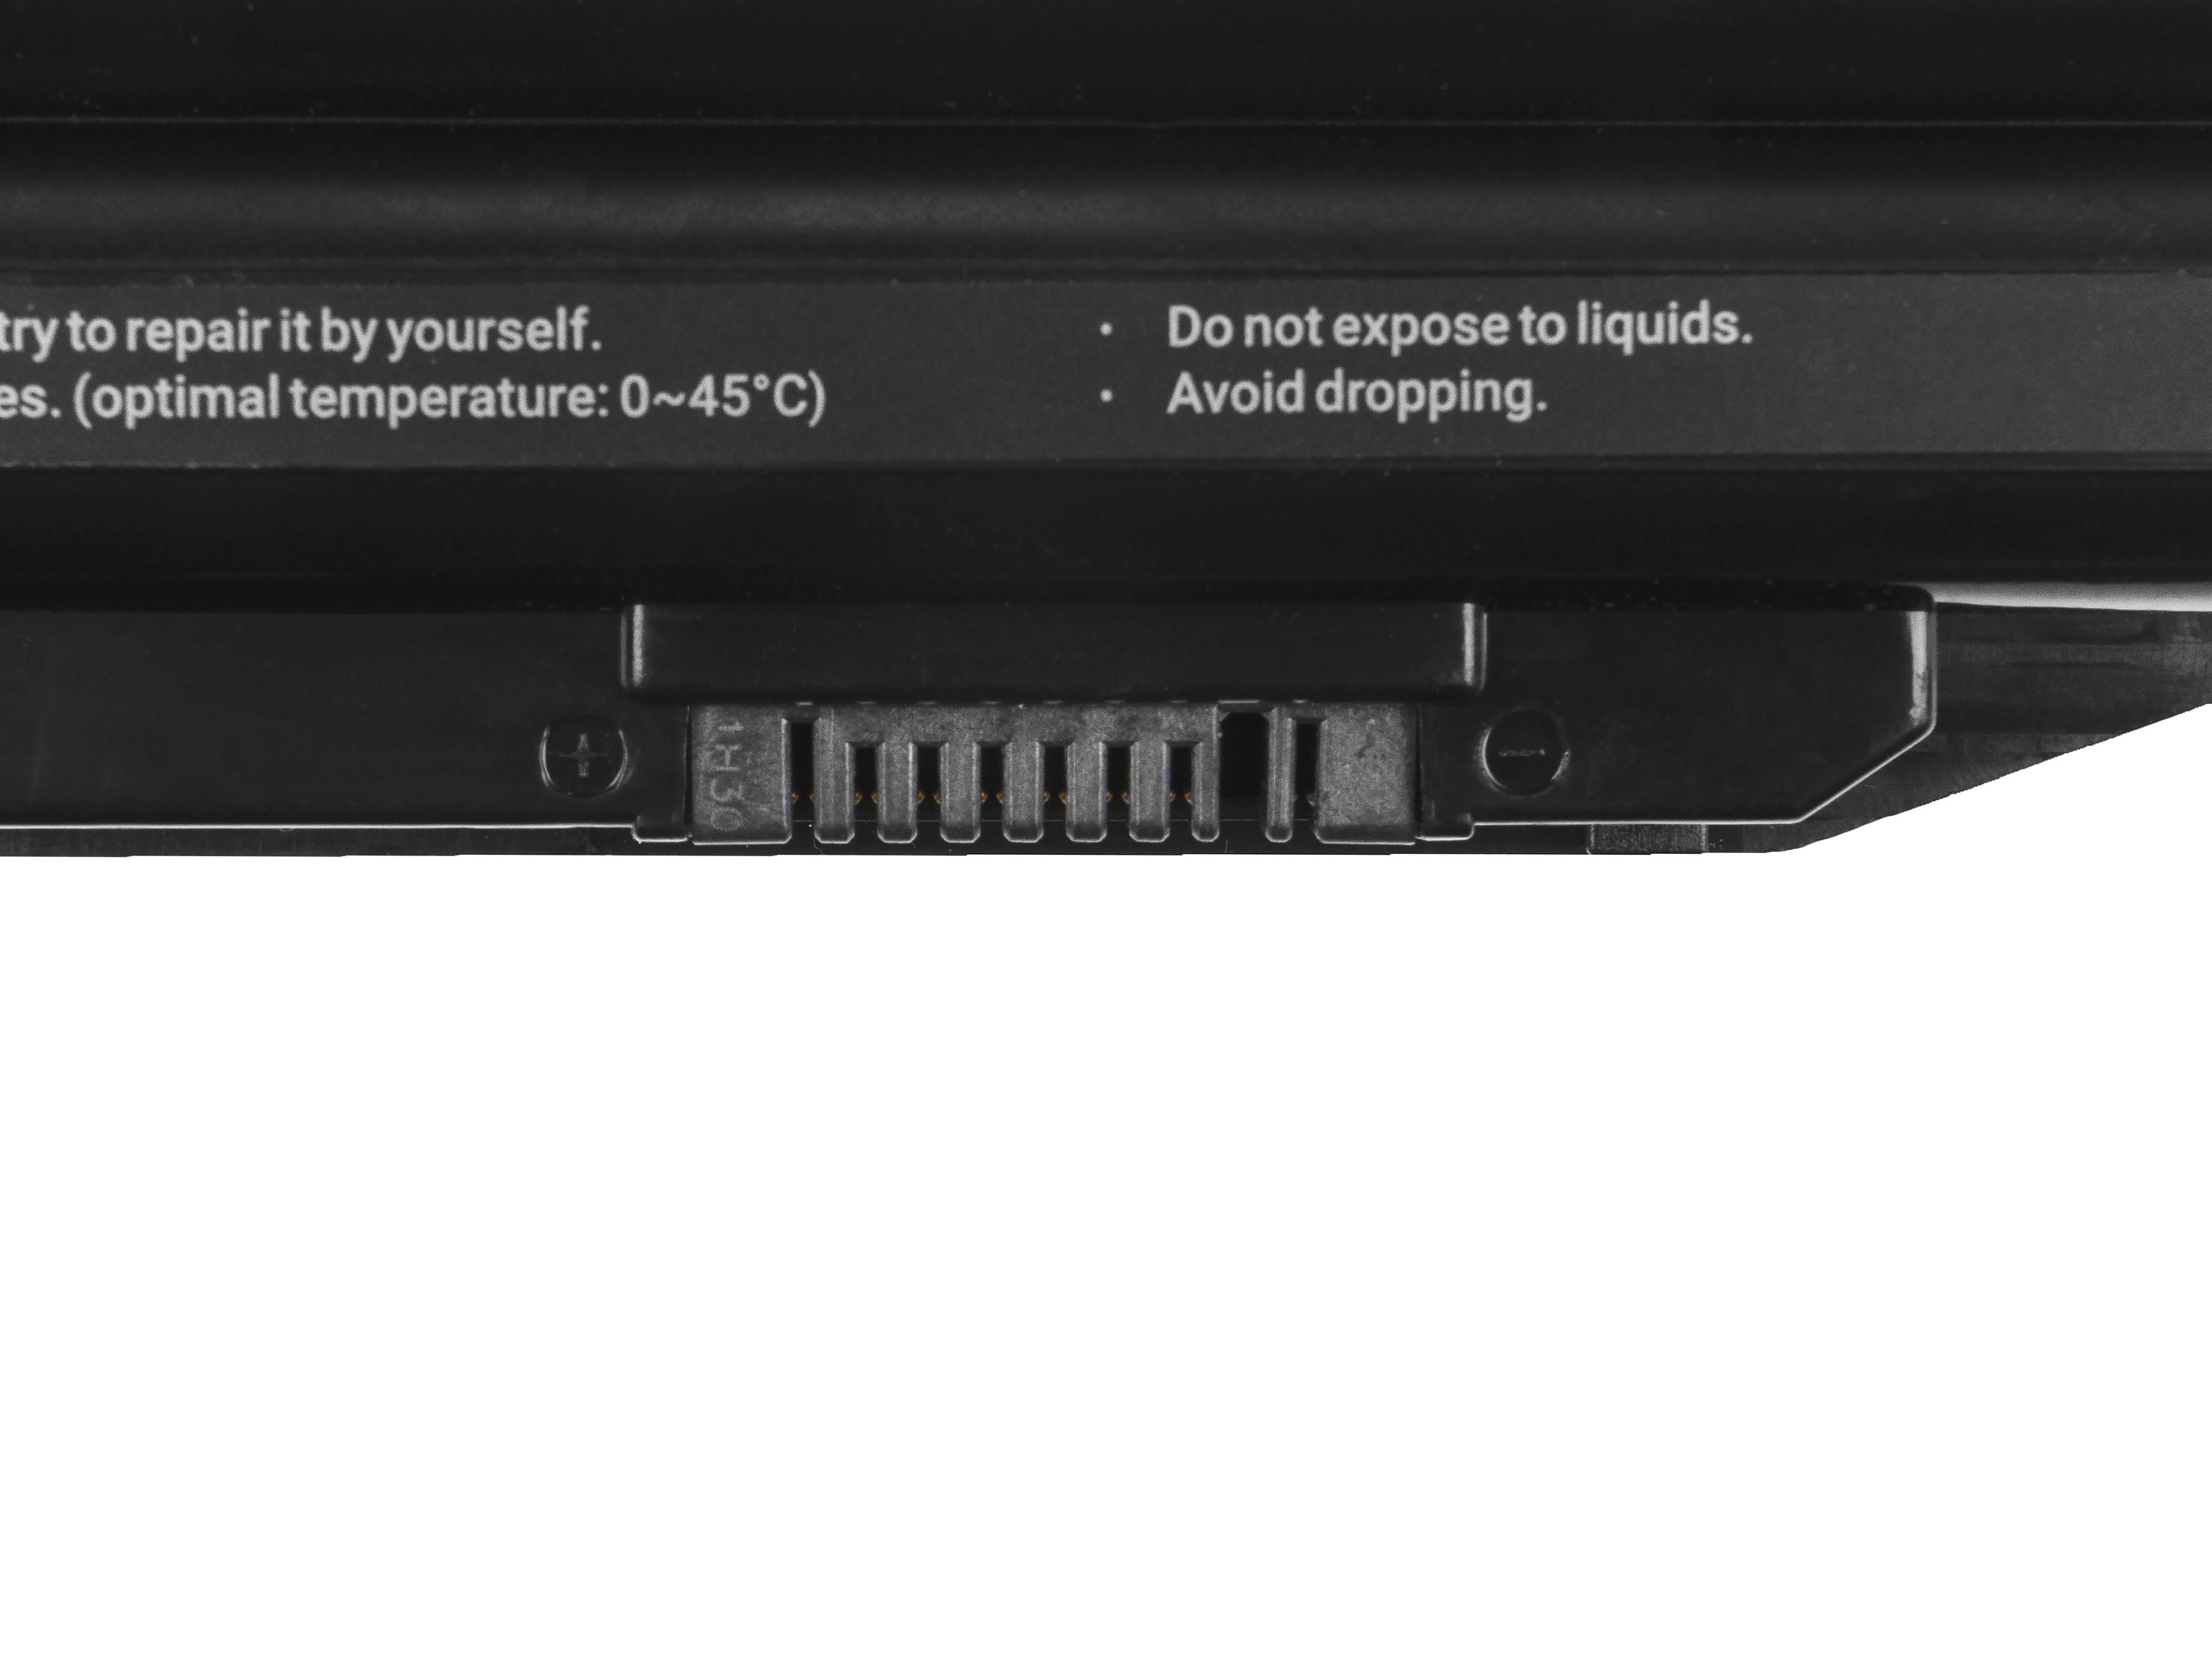 Batteri för bärbar dator för Fujitsu LifeBook A514 A544 A555 AH544 AH564 E547 E554 E733 E734 E743 E744 E746 E753 E754 S904